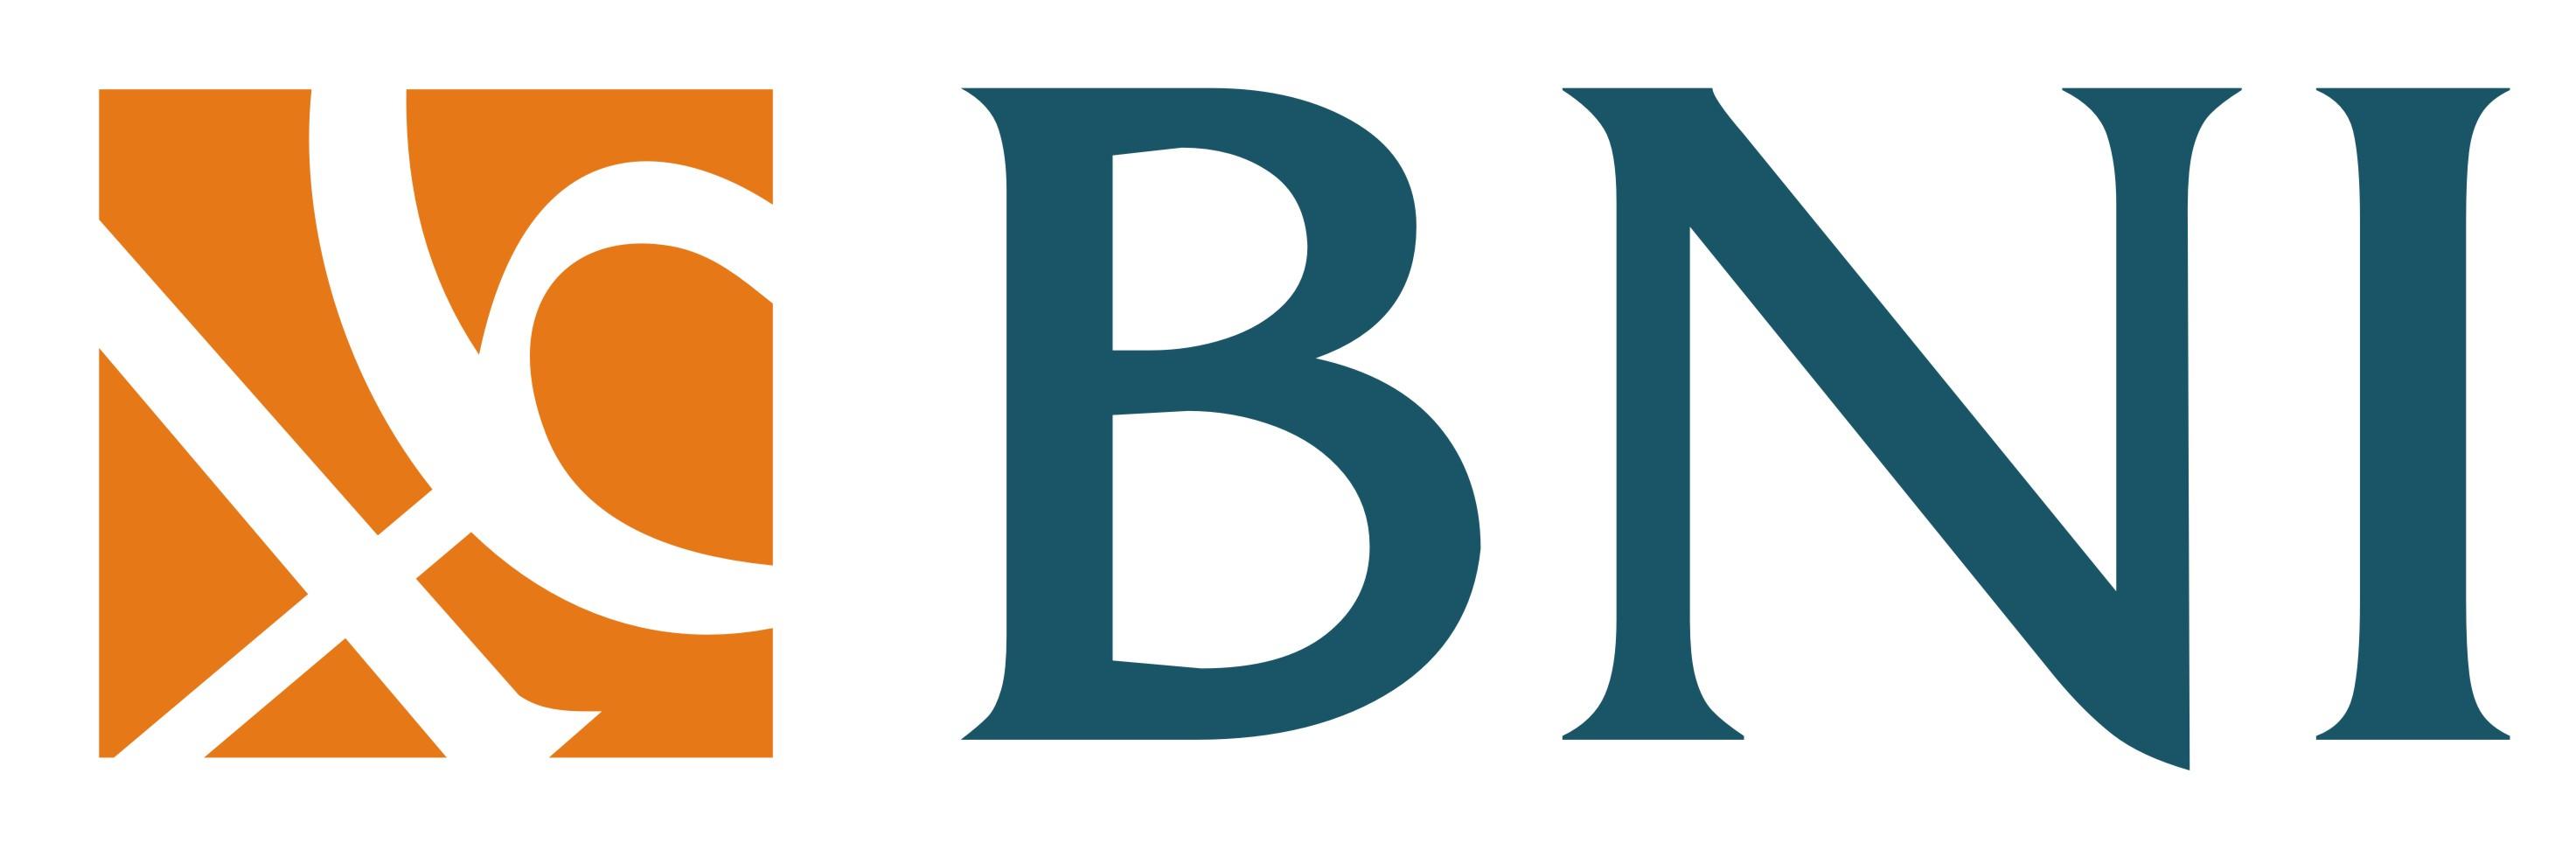 Lowongan Kerja Bank BNI Terbaru 2018